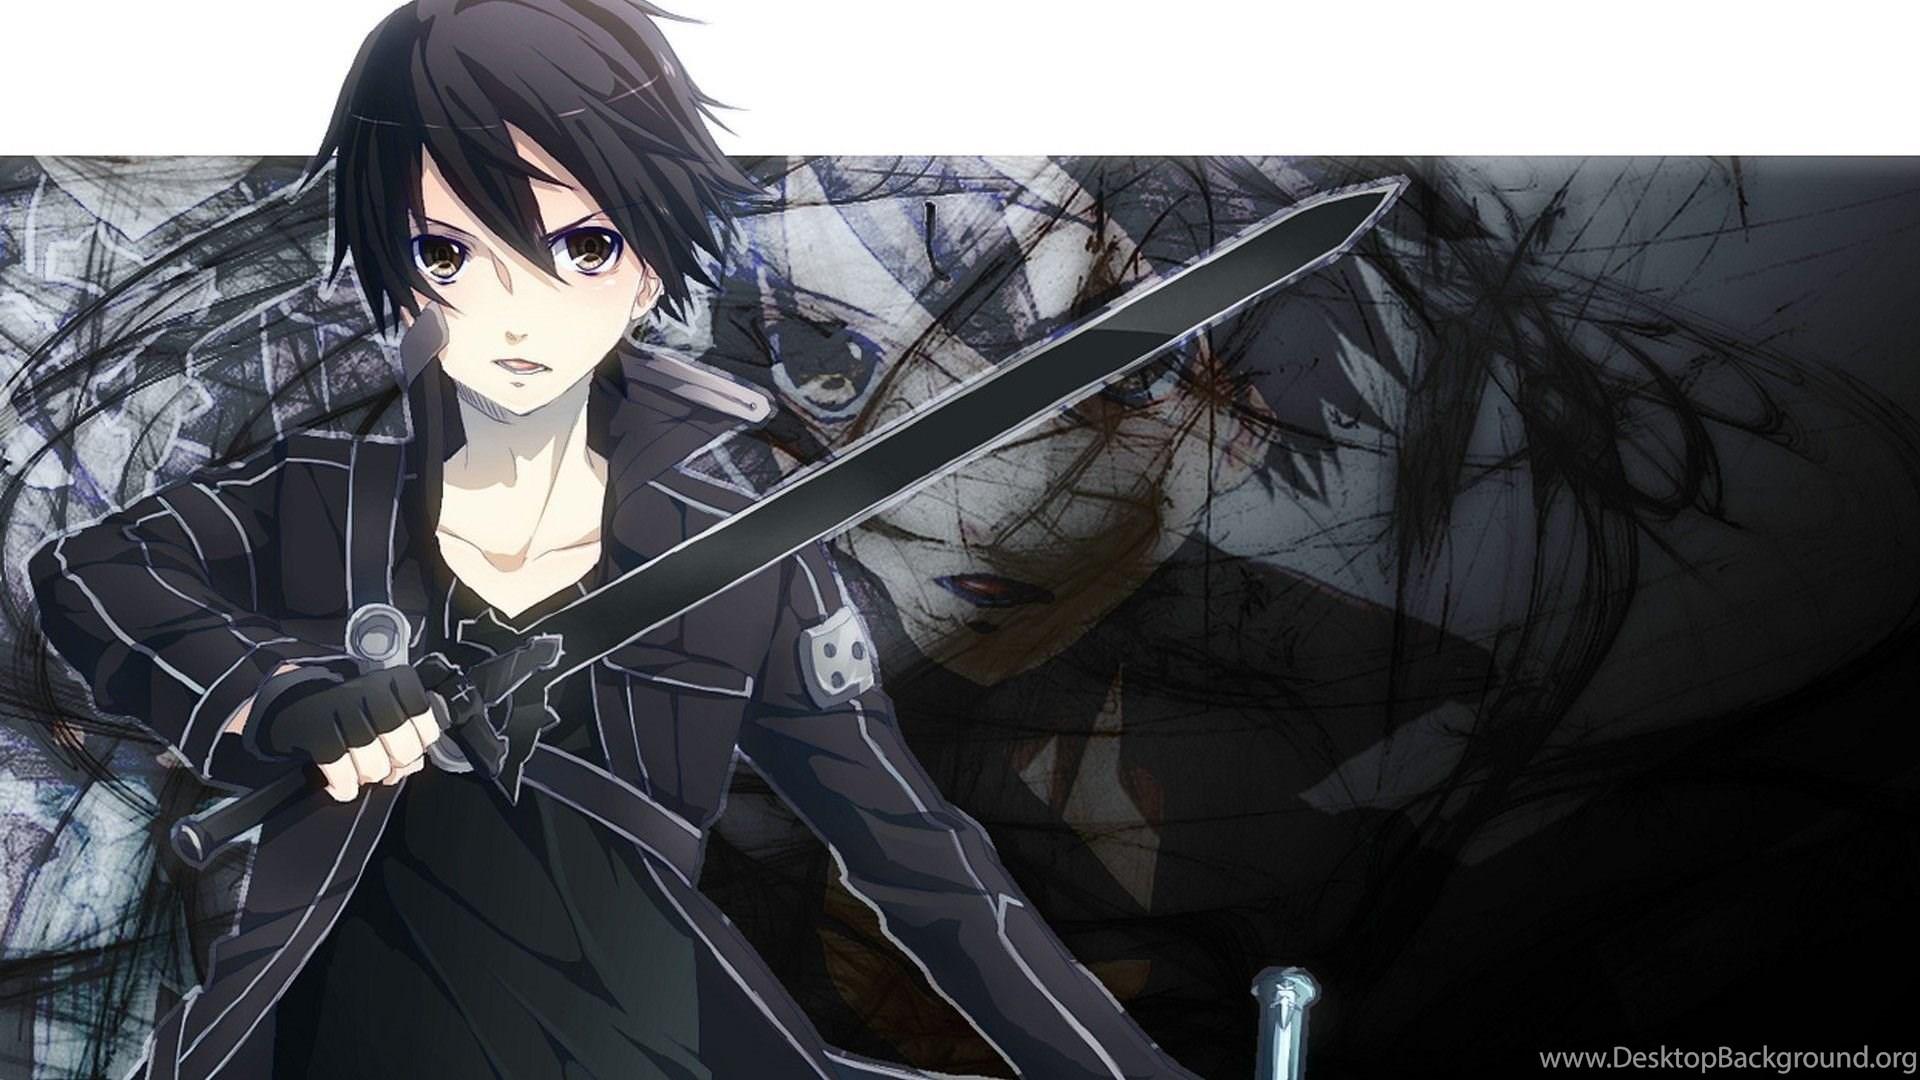 Kirito Kirito Sword Art Online Wallpapers 34958361 Fanpop